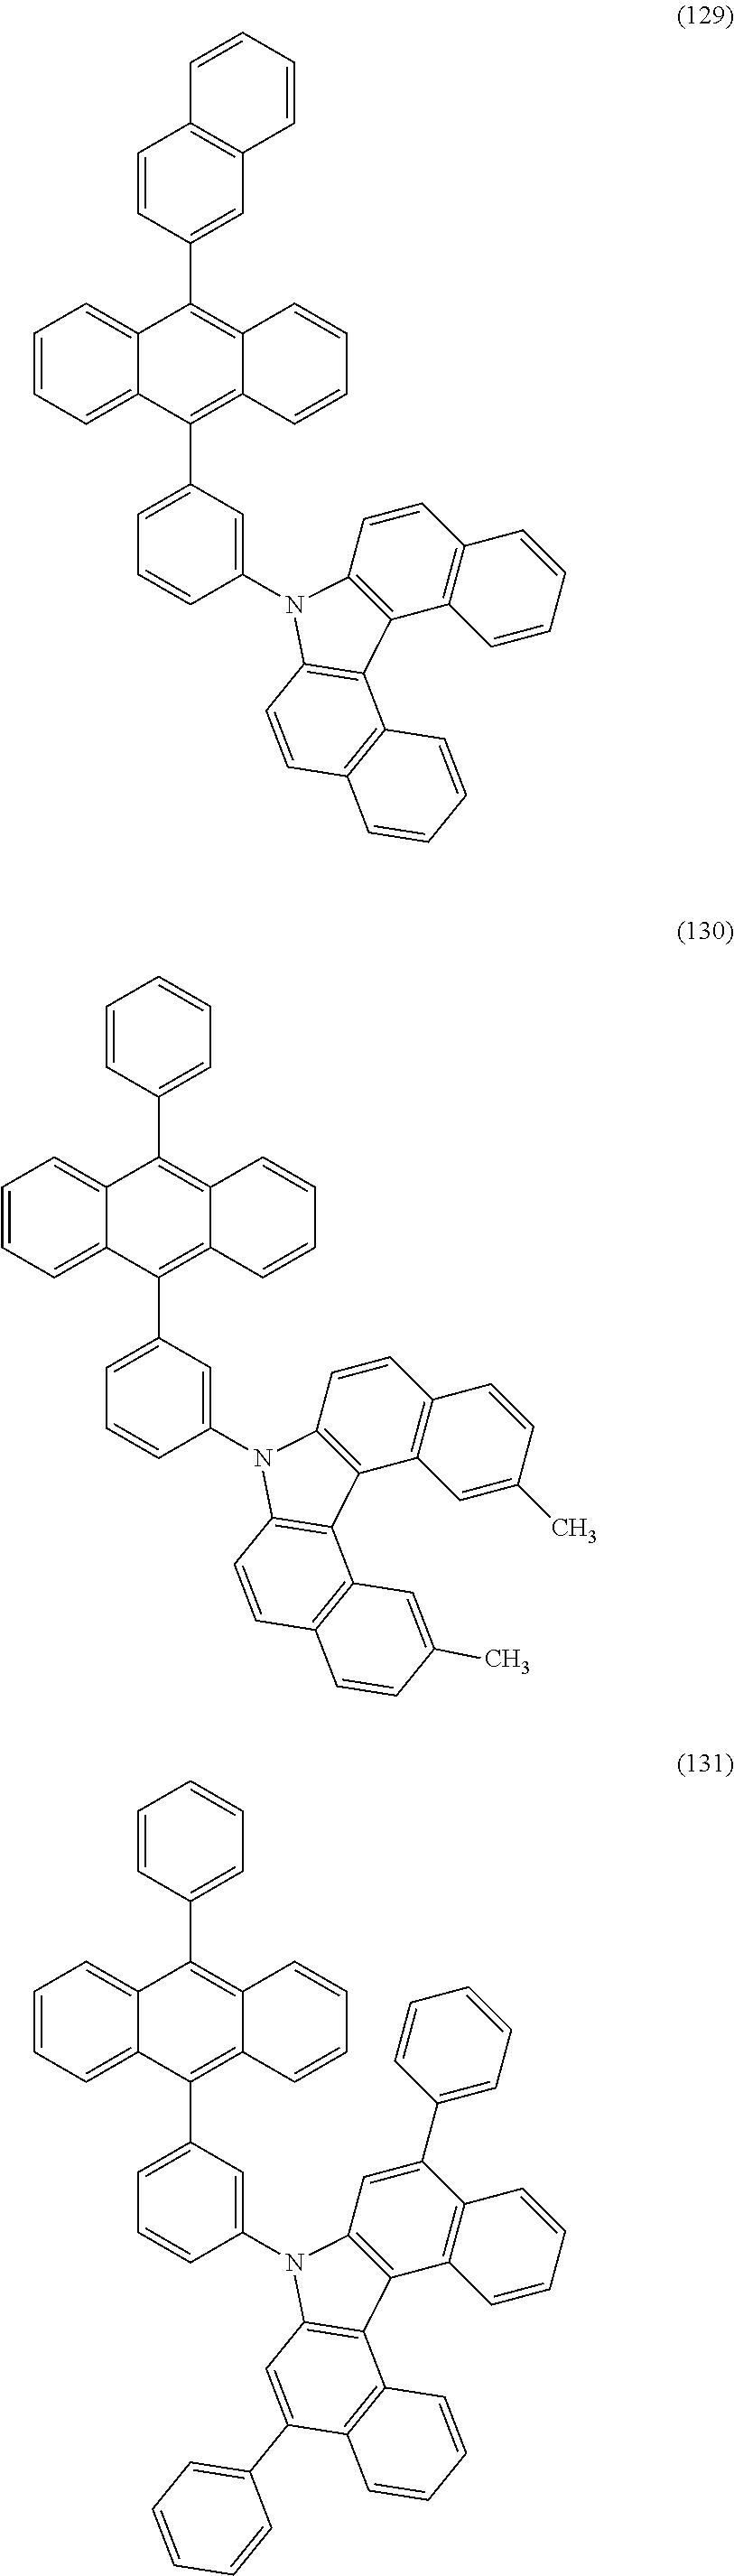 Figure US20130020561A1-20130124-C00053